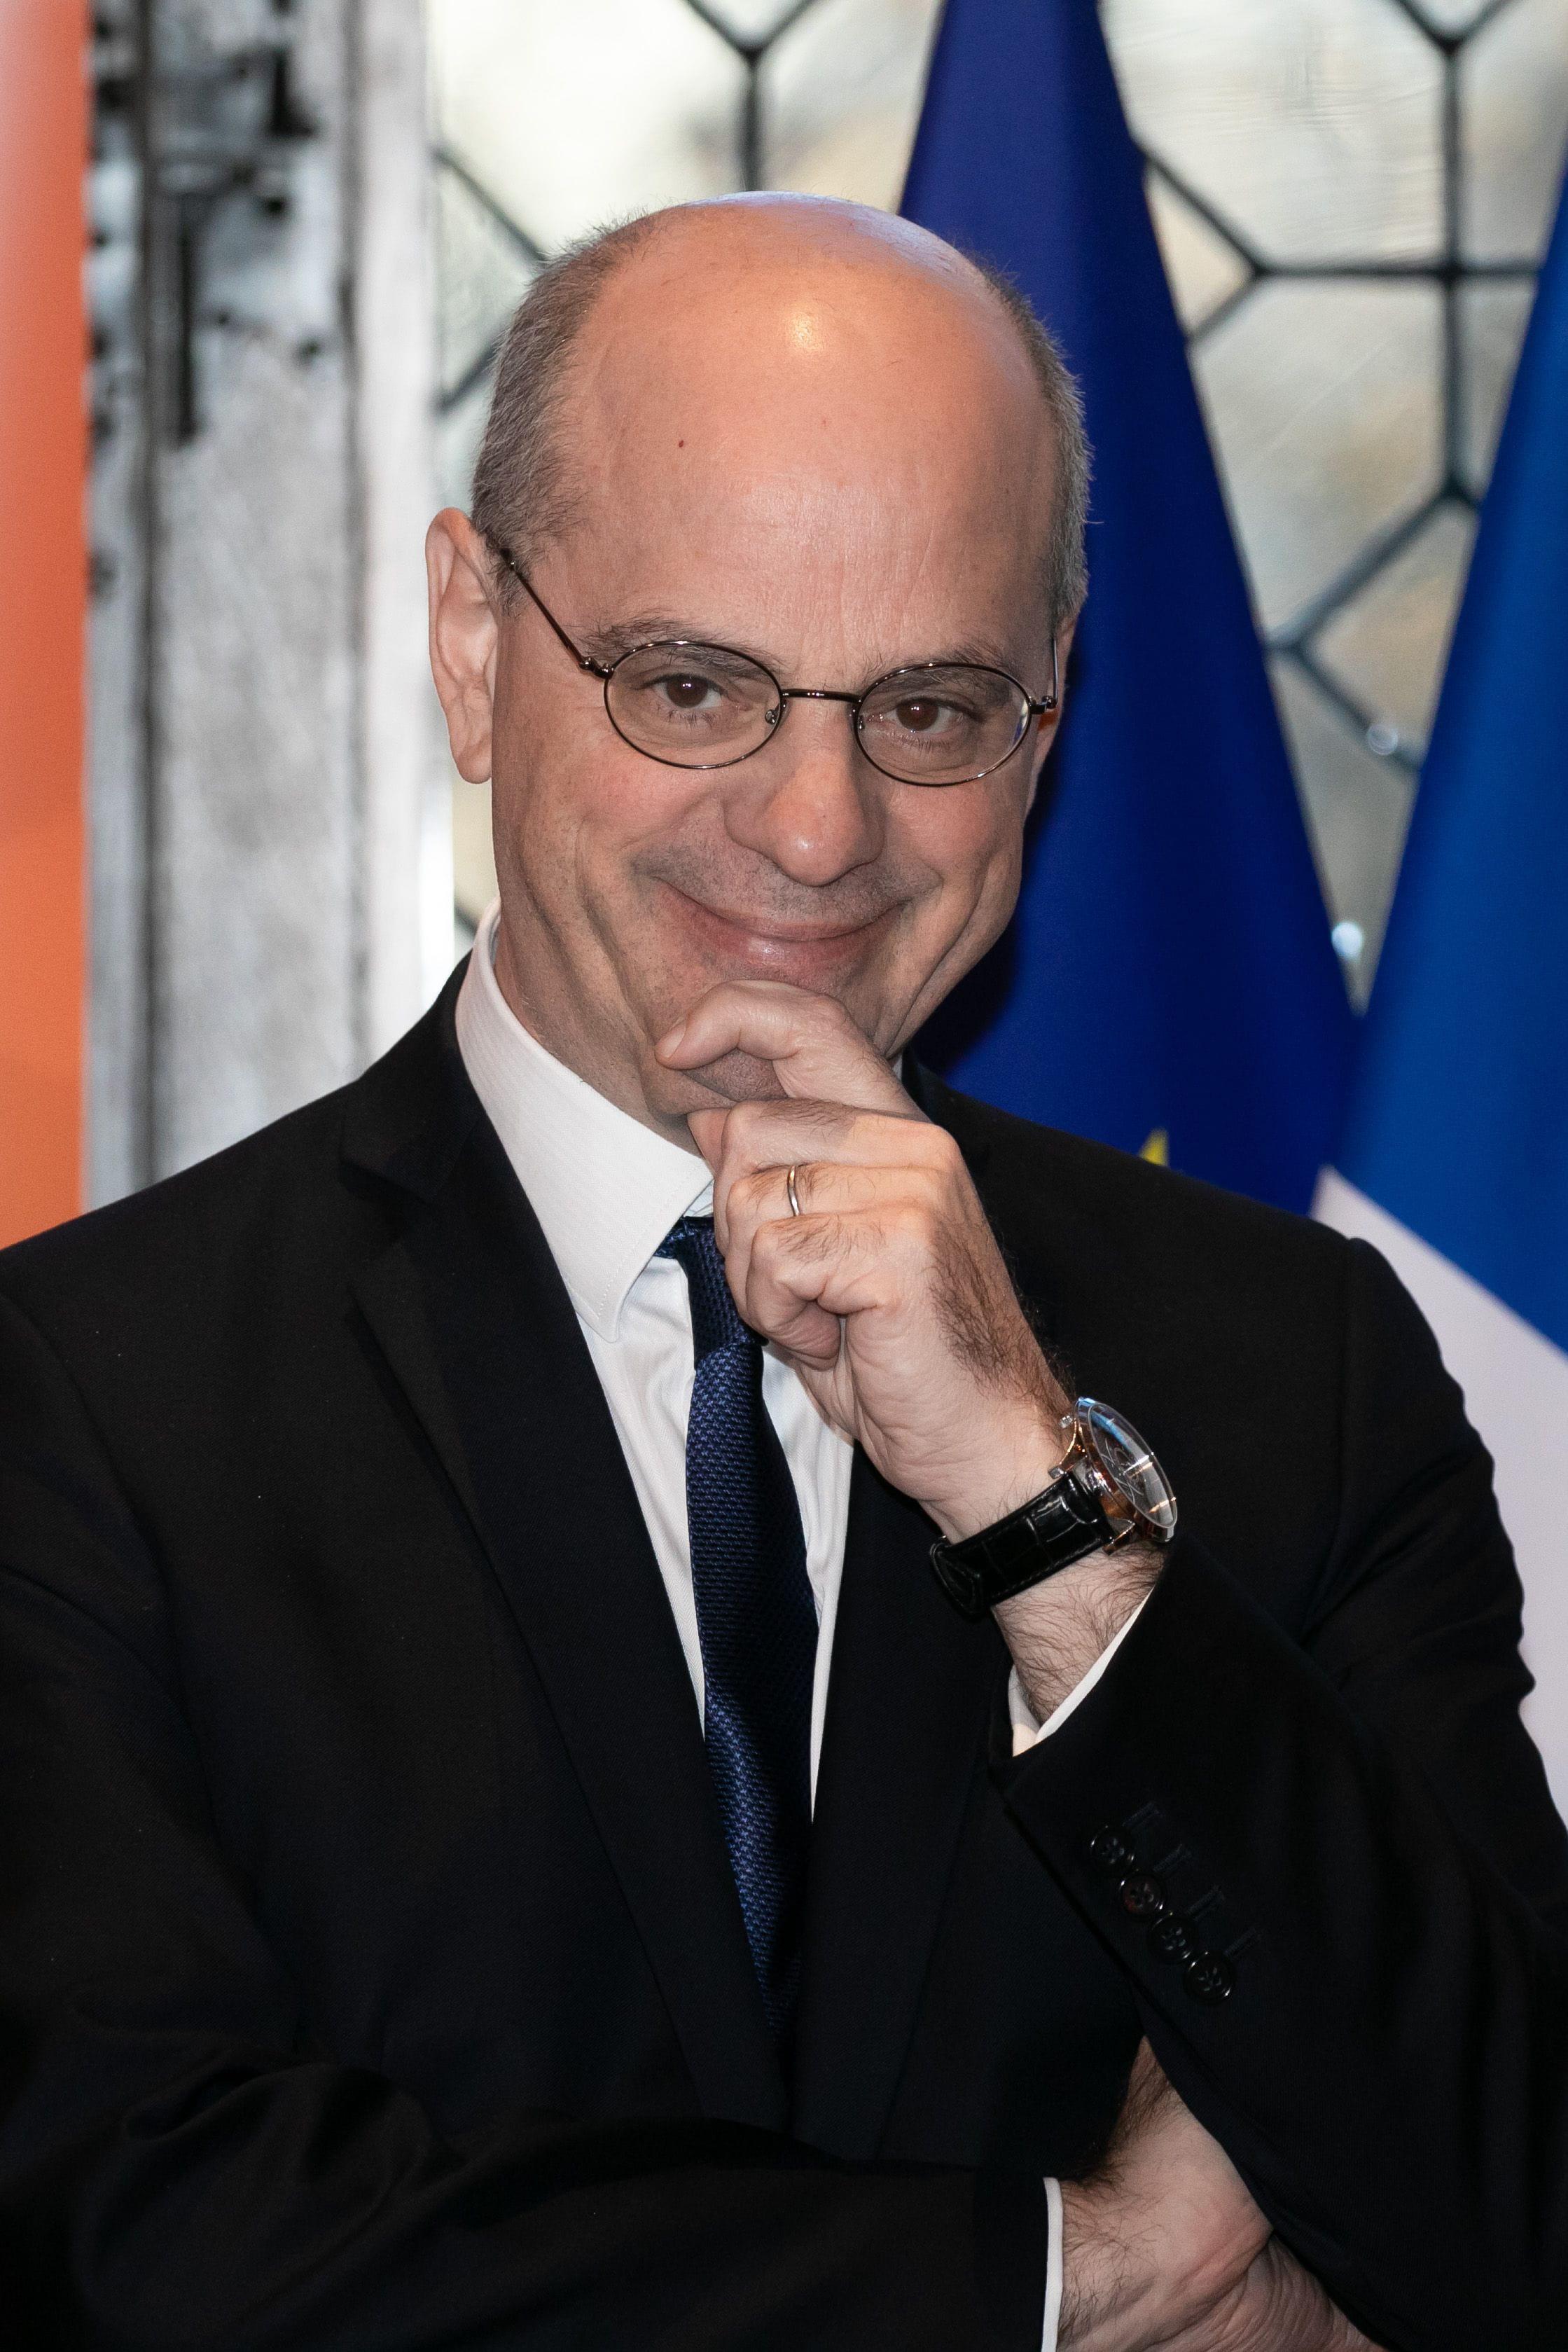 Jean Michel Blanquer Sa Passion Secr te